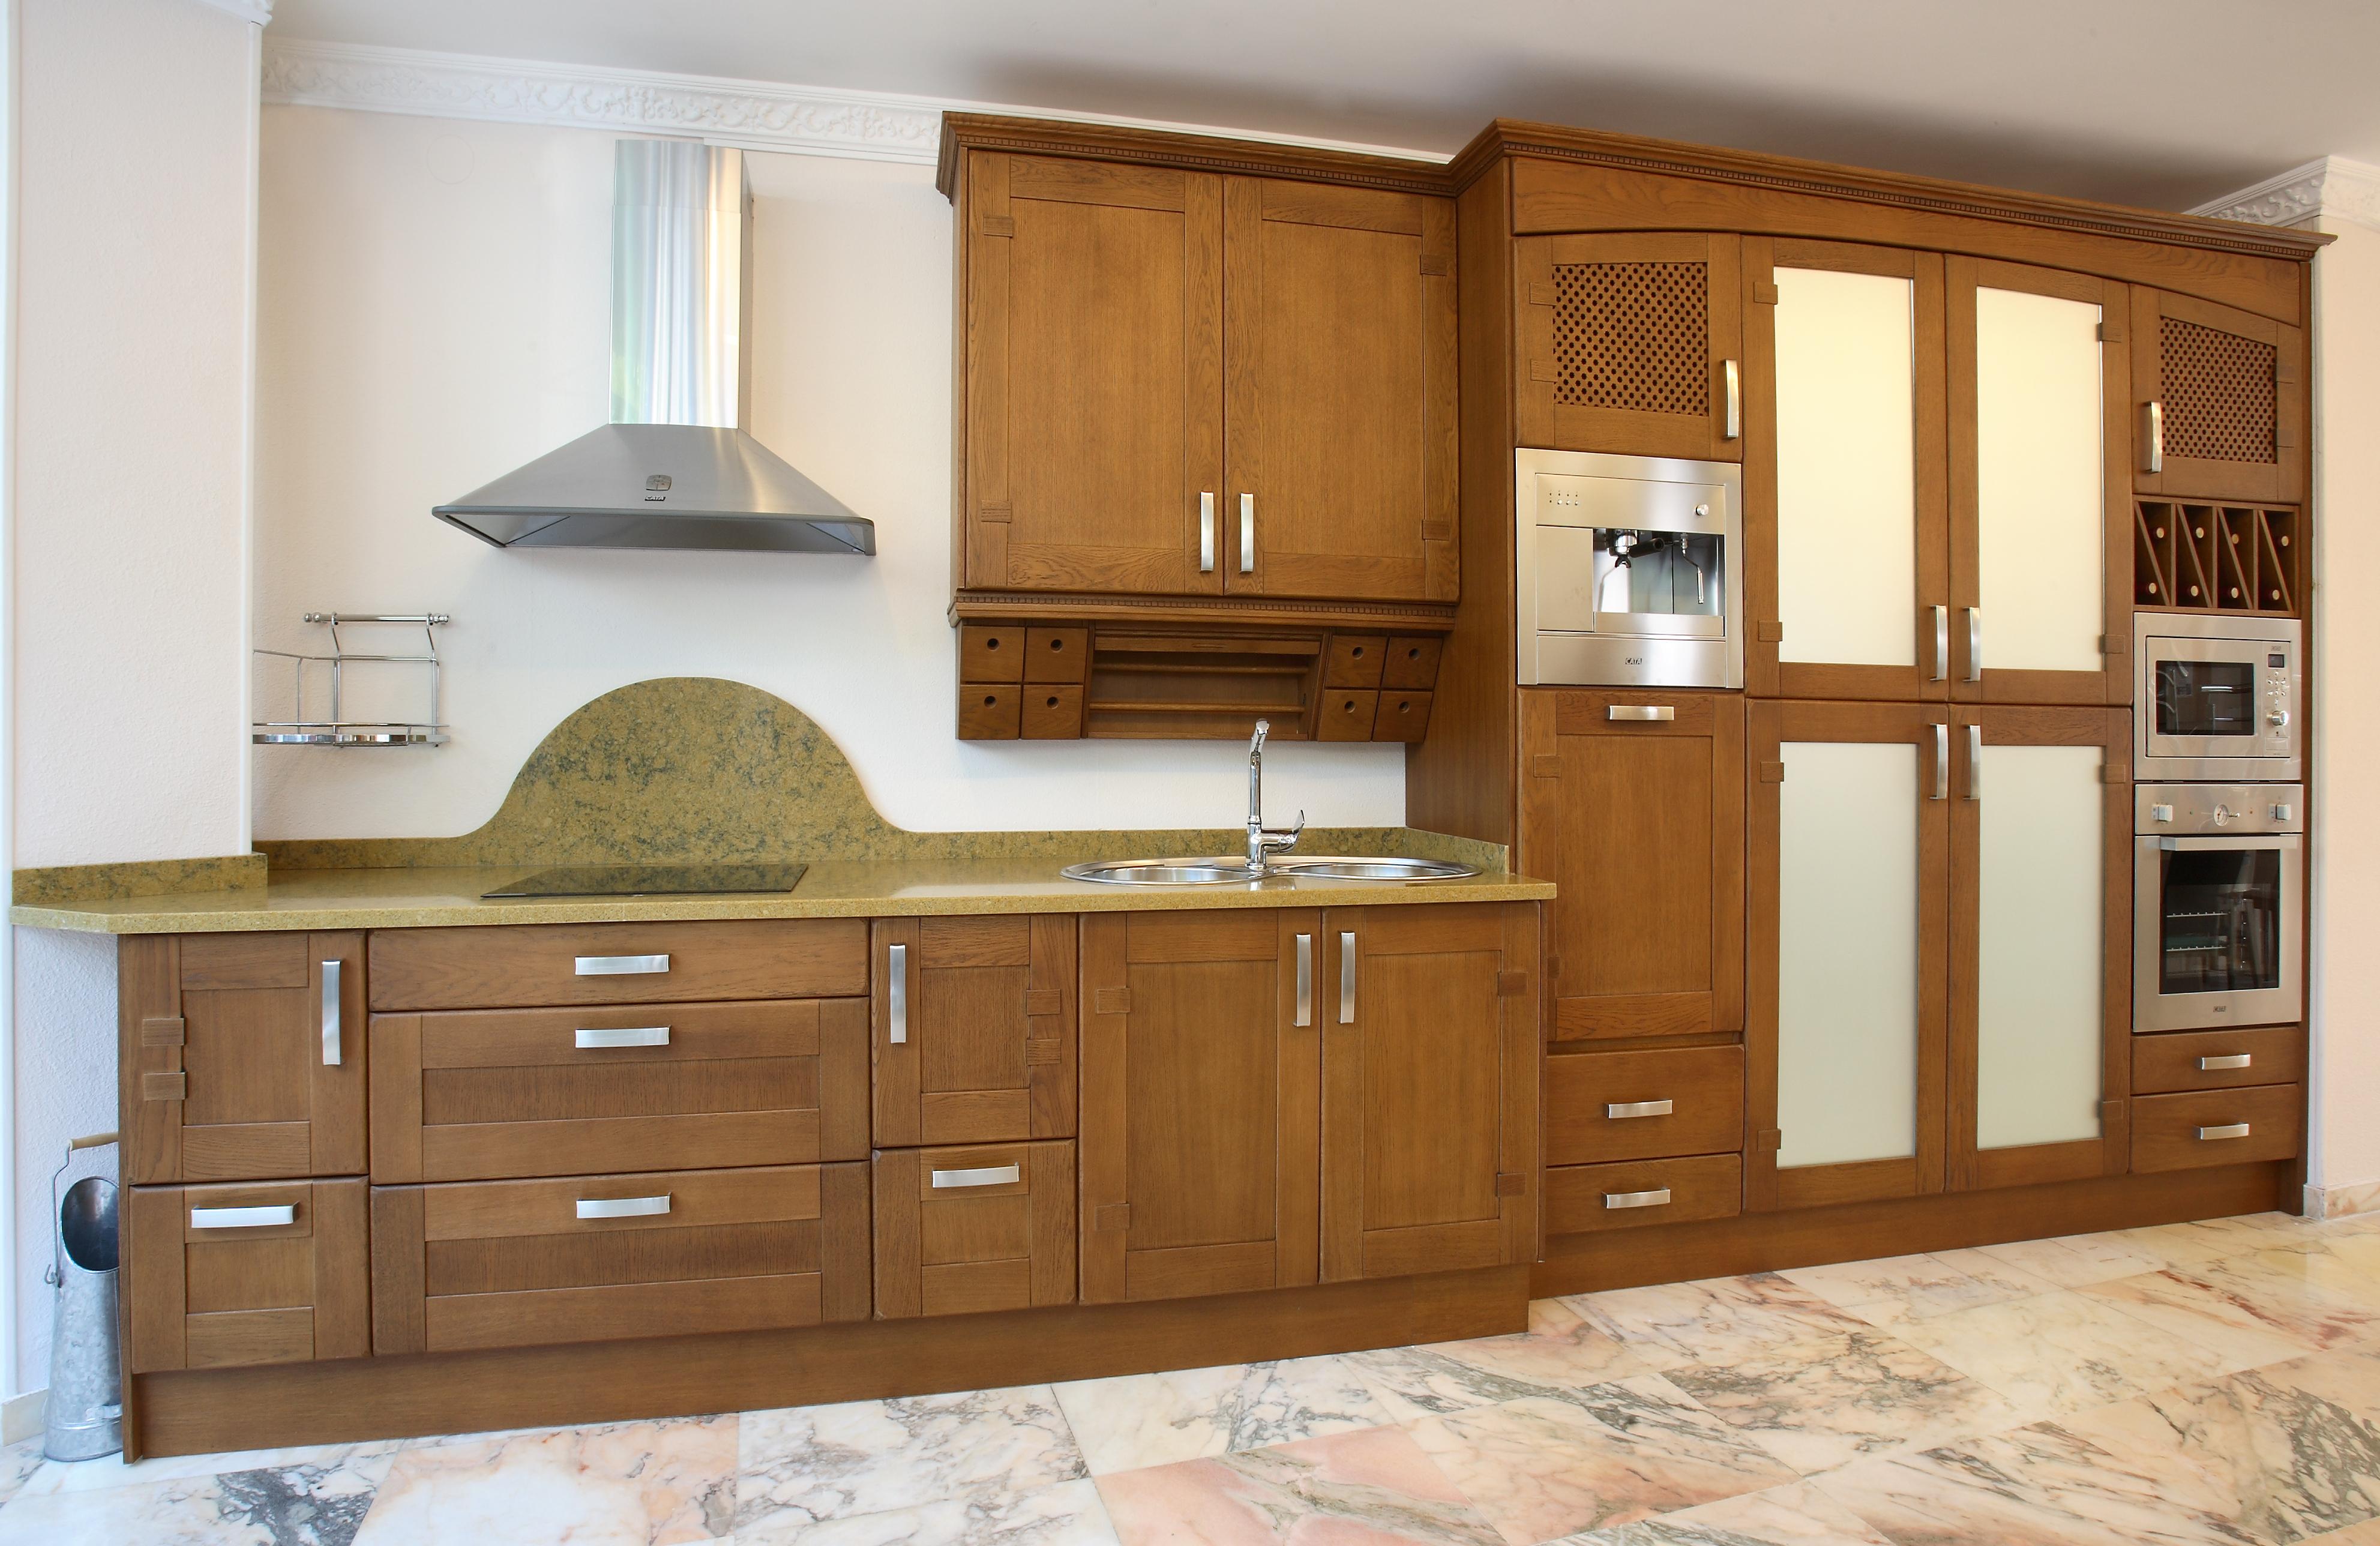 Cocinas madera for Encimeras de madera para cocinas